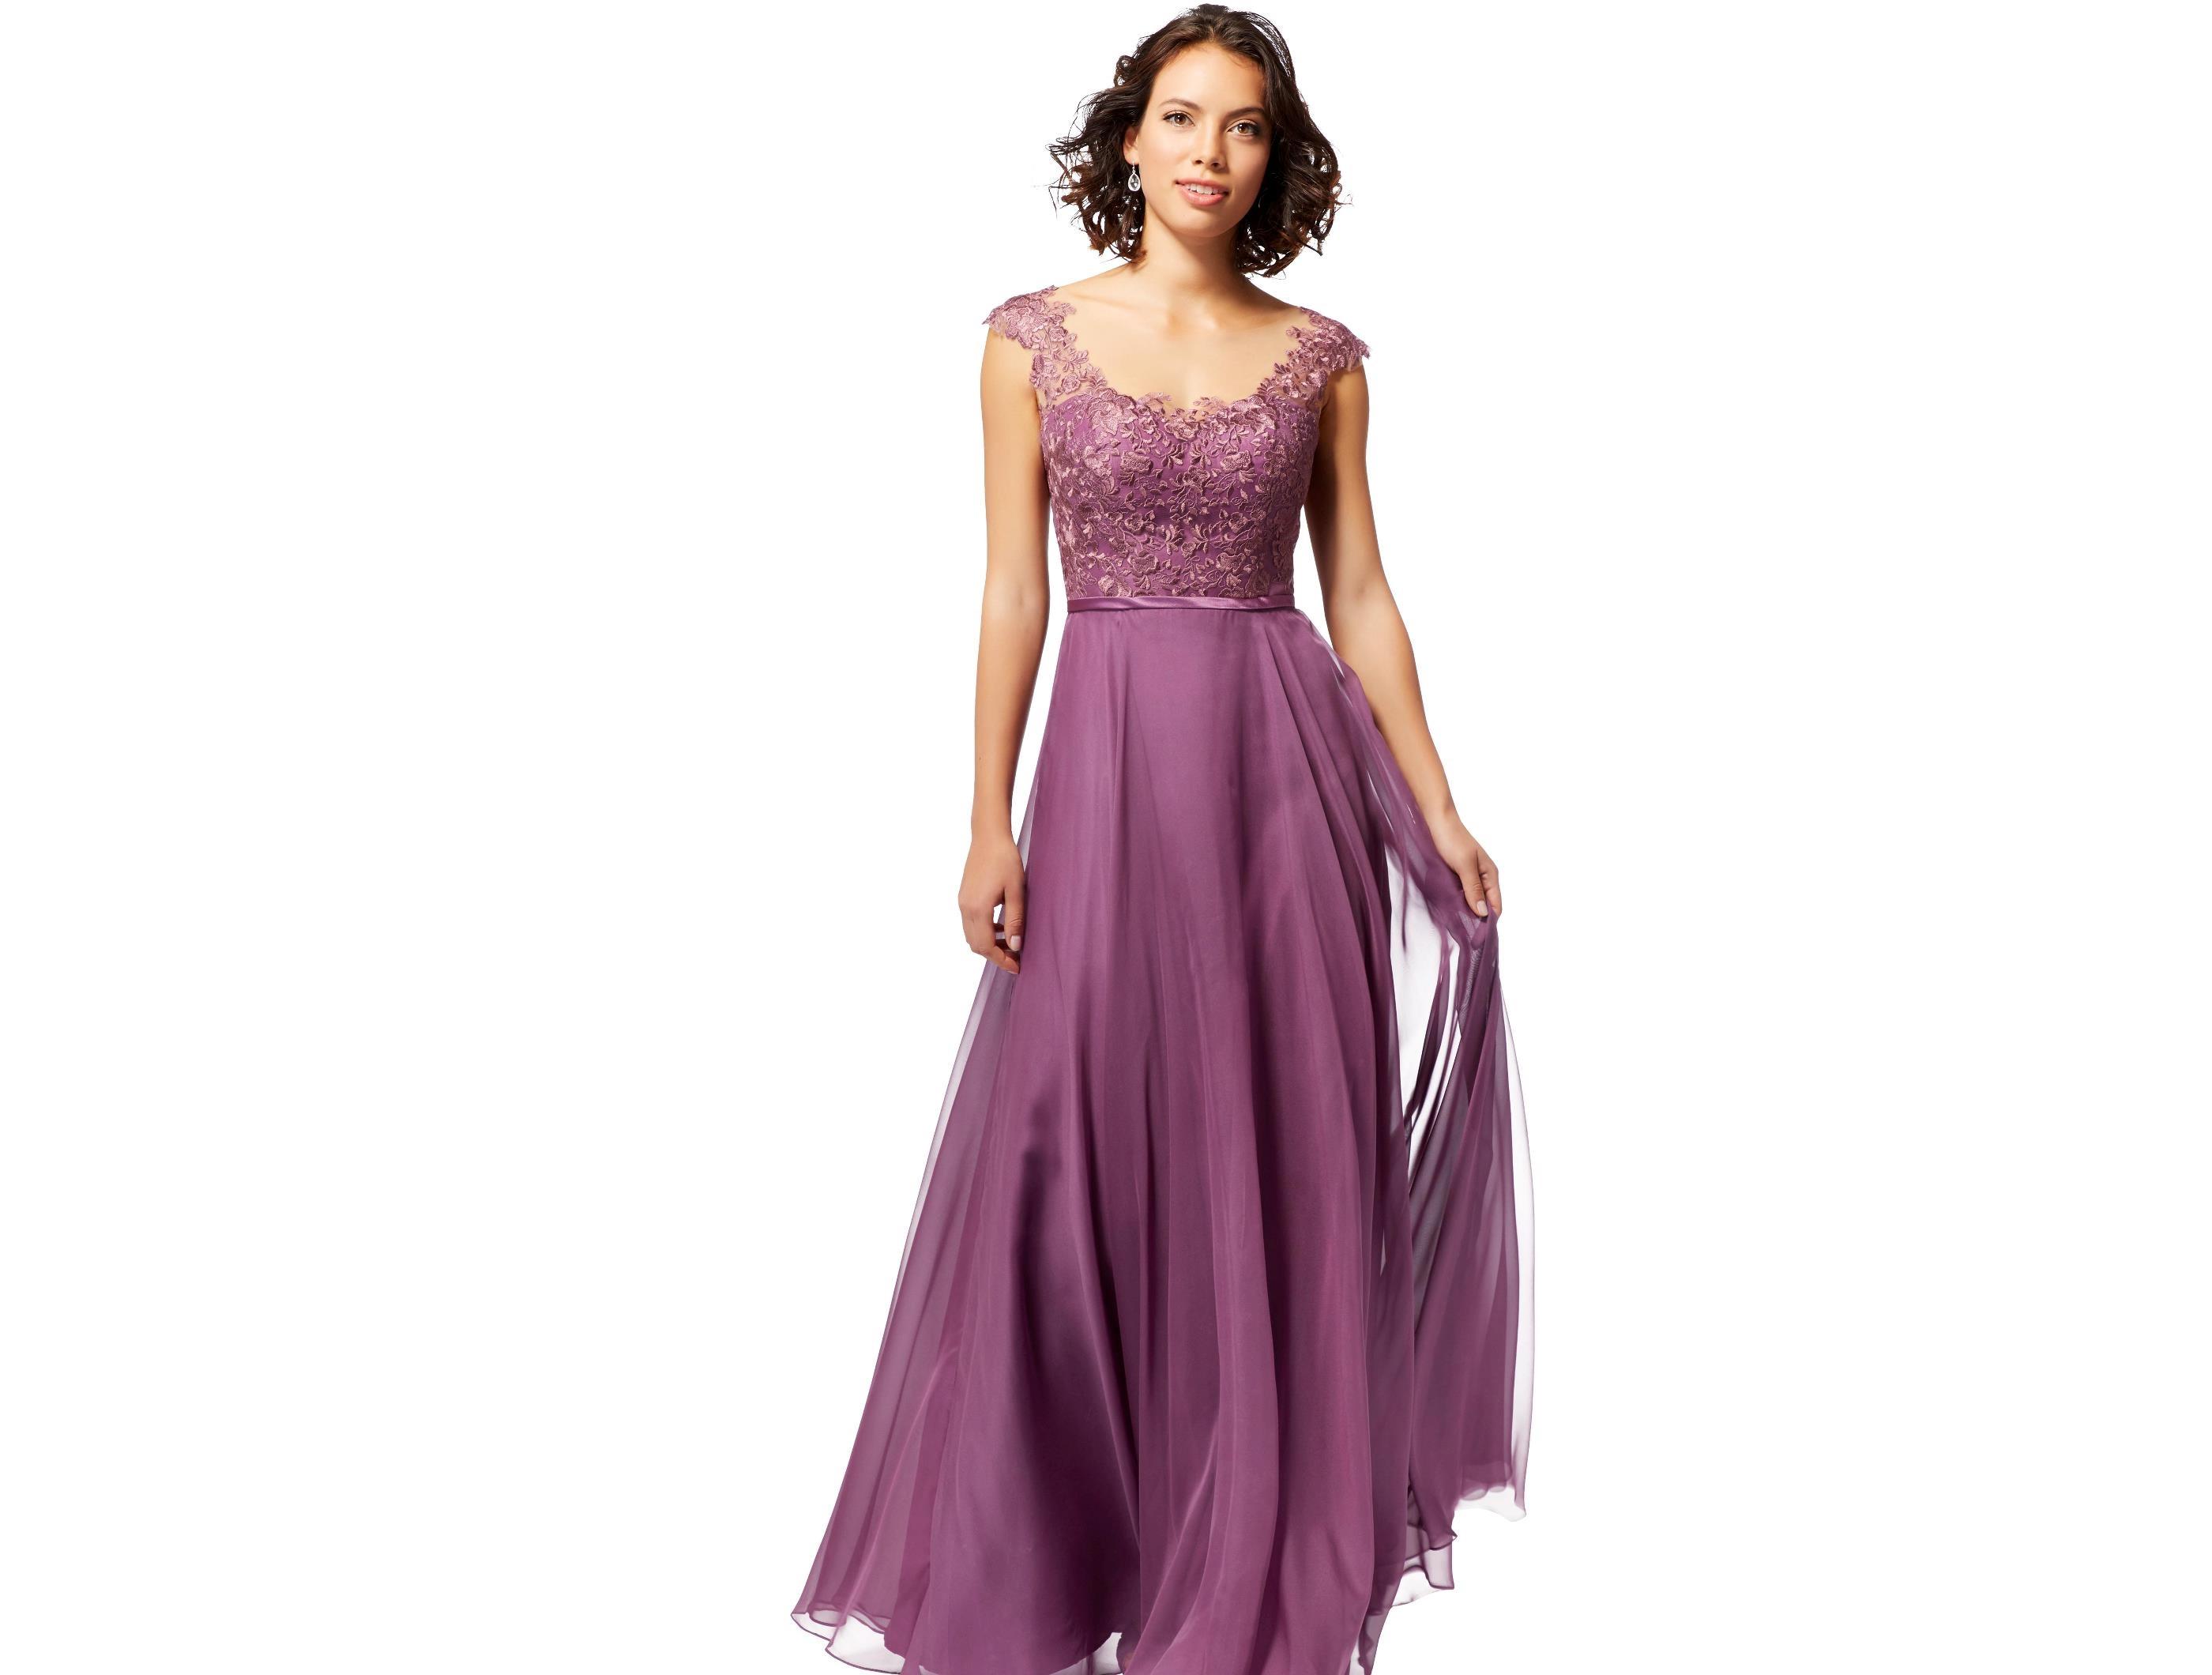 Vestiti Cerimonia Donna.Glamorosa Abito Cerimonia Cerveteri Ladispoli Bracciano Civitavecchia